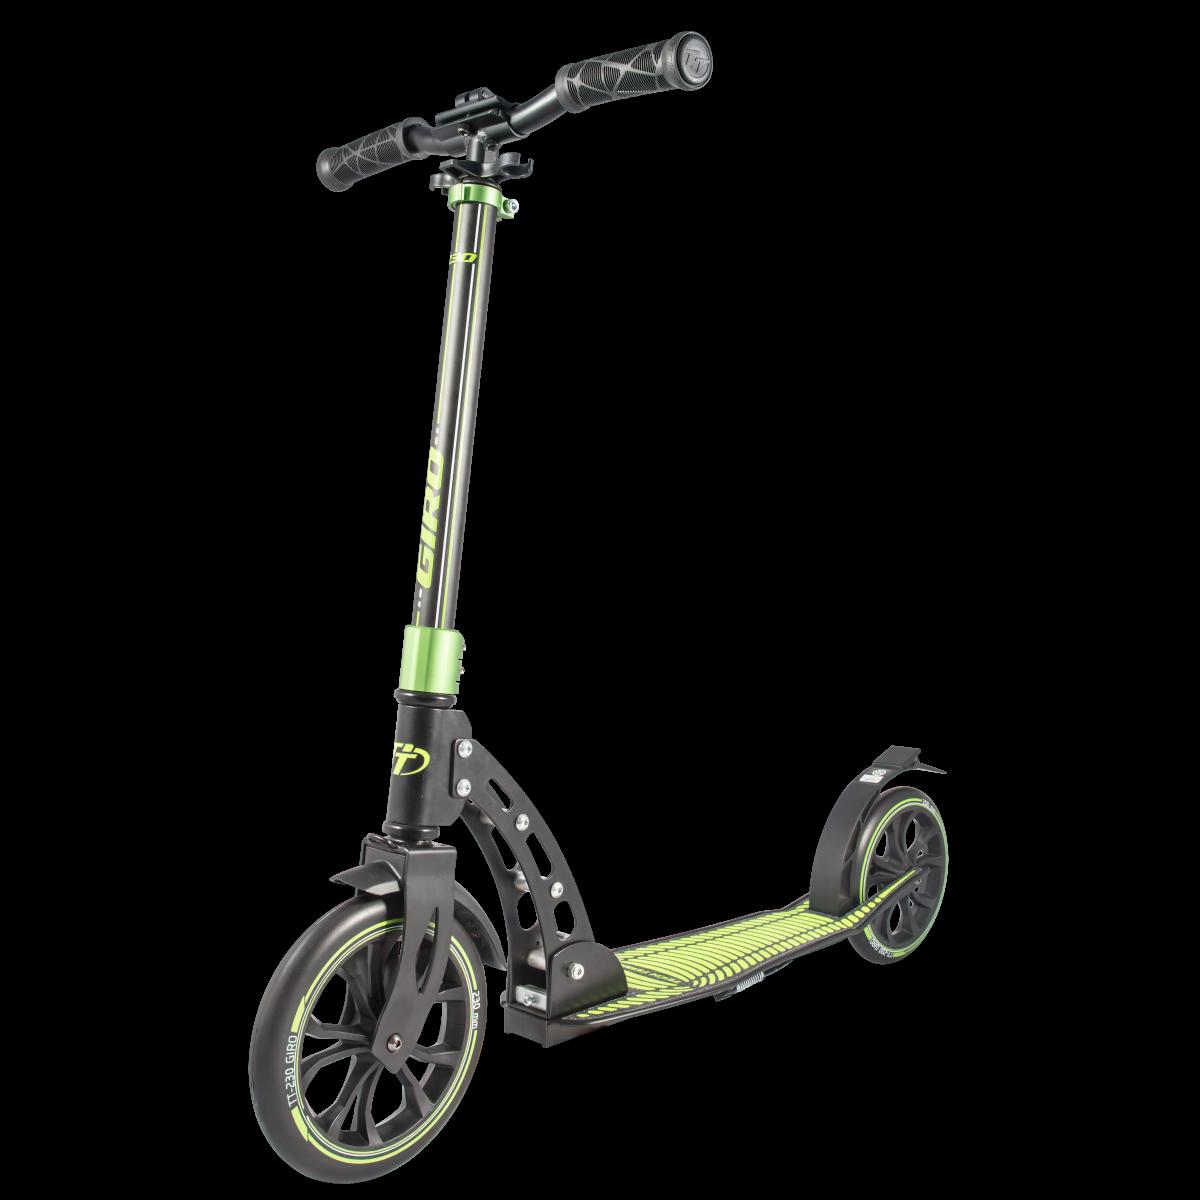 Самокат TechTeam Giro 2019 черно-зеленый